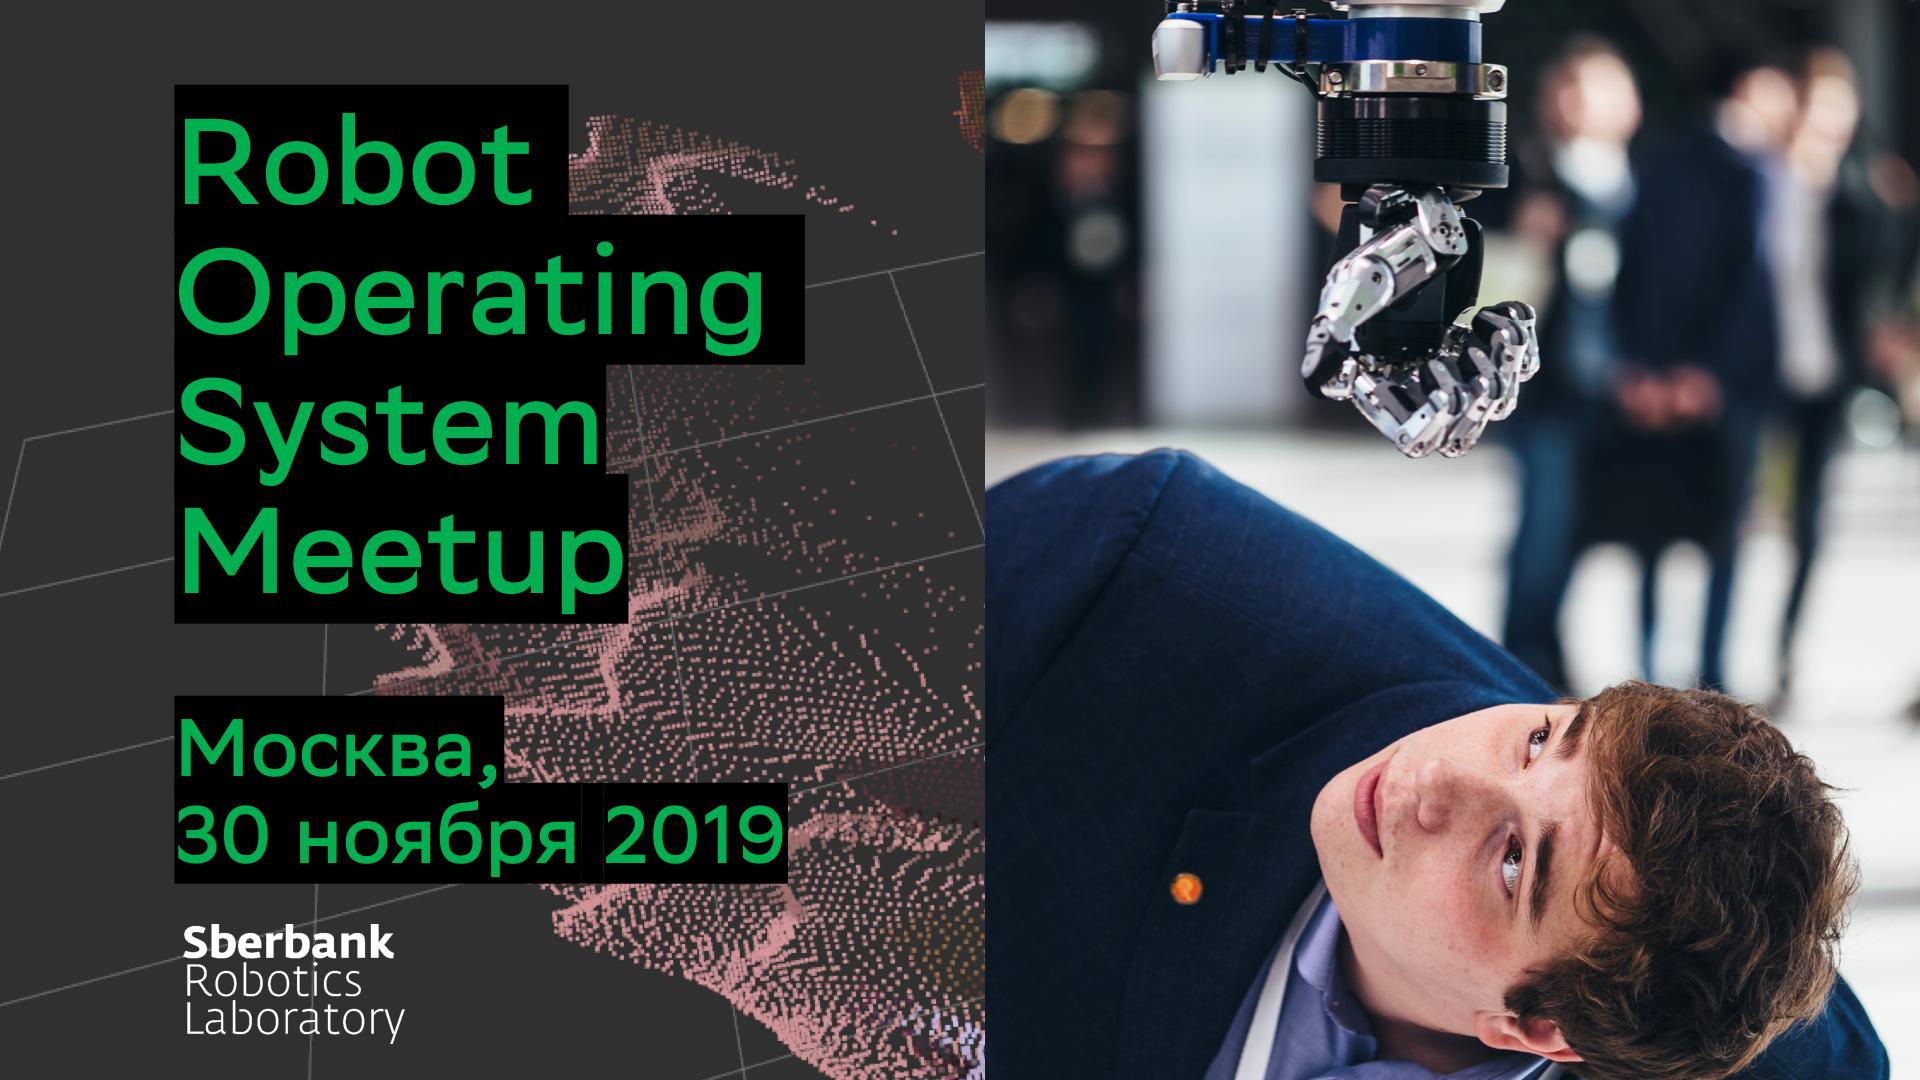 Robot Operating System Meetup пройдет в Москве 30 ноября 2019 - 1